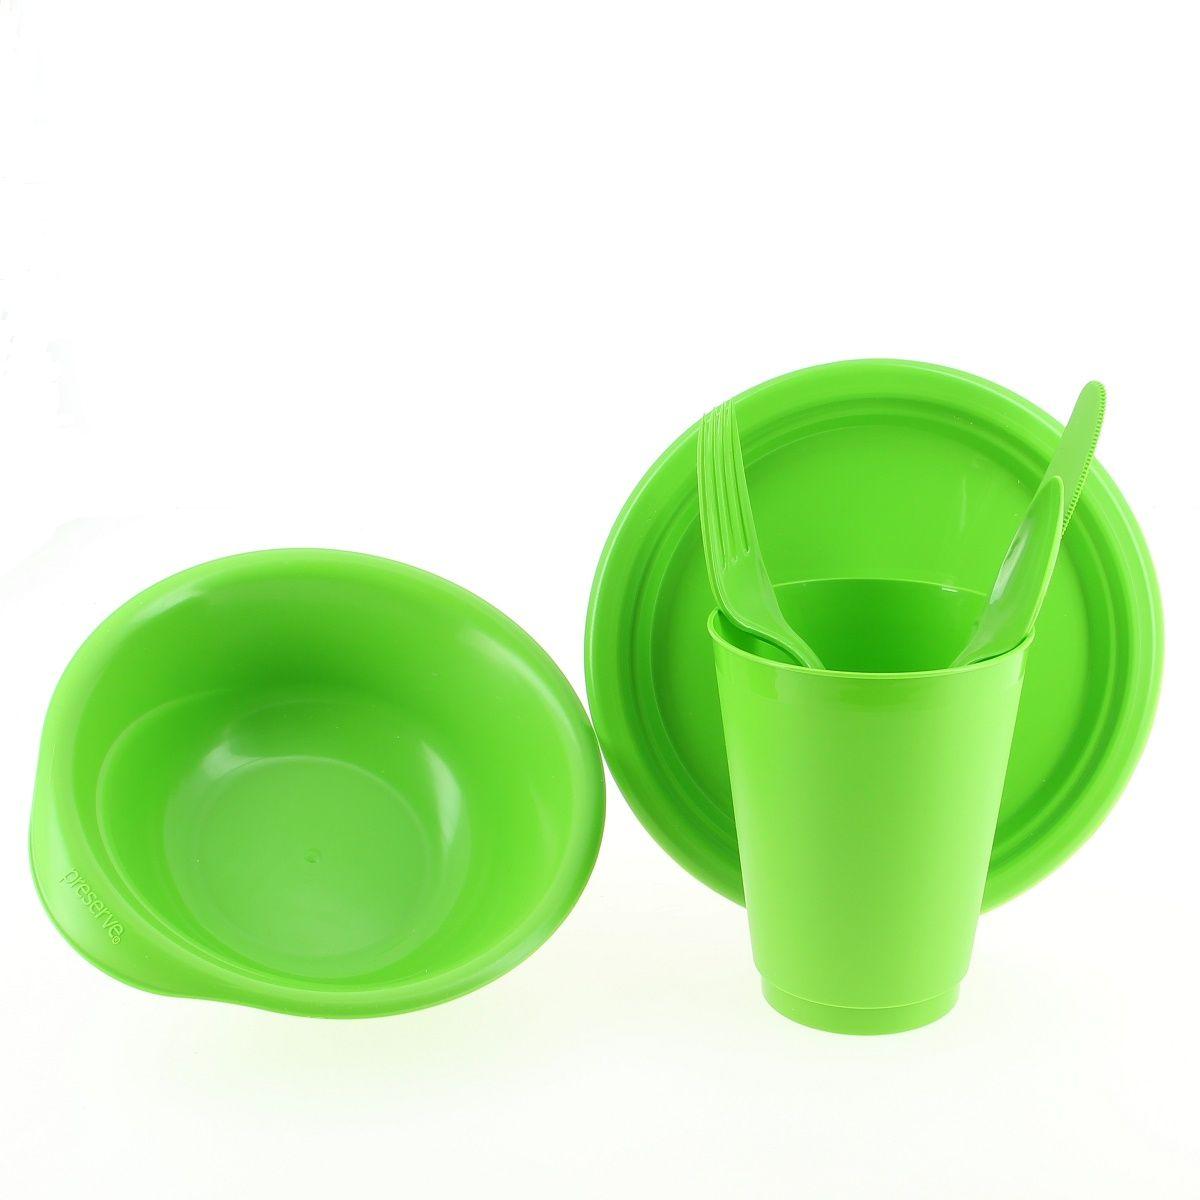 kit pique nique une petite assiette un bol un verre et des couverts vert sebio. Black Bedroom Furniture Sets. Home Design Ideas